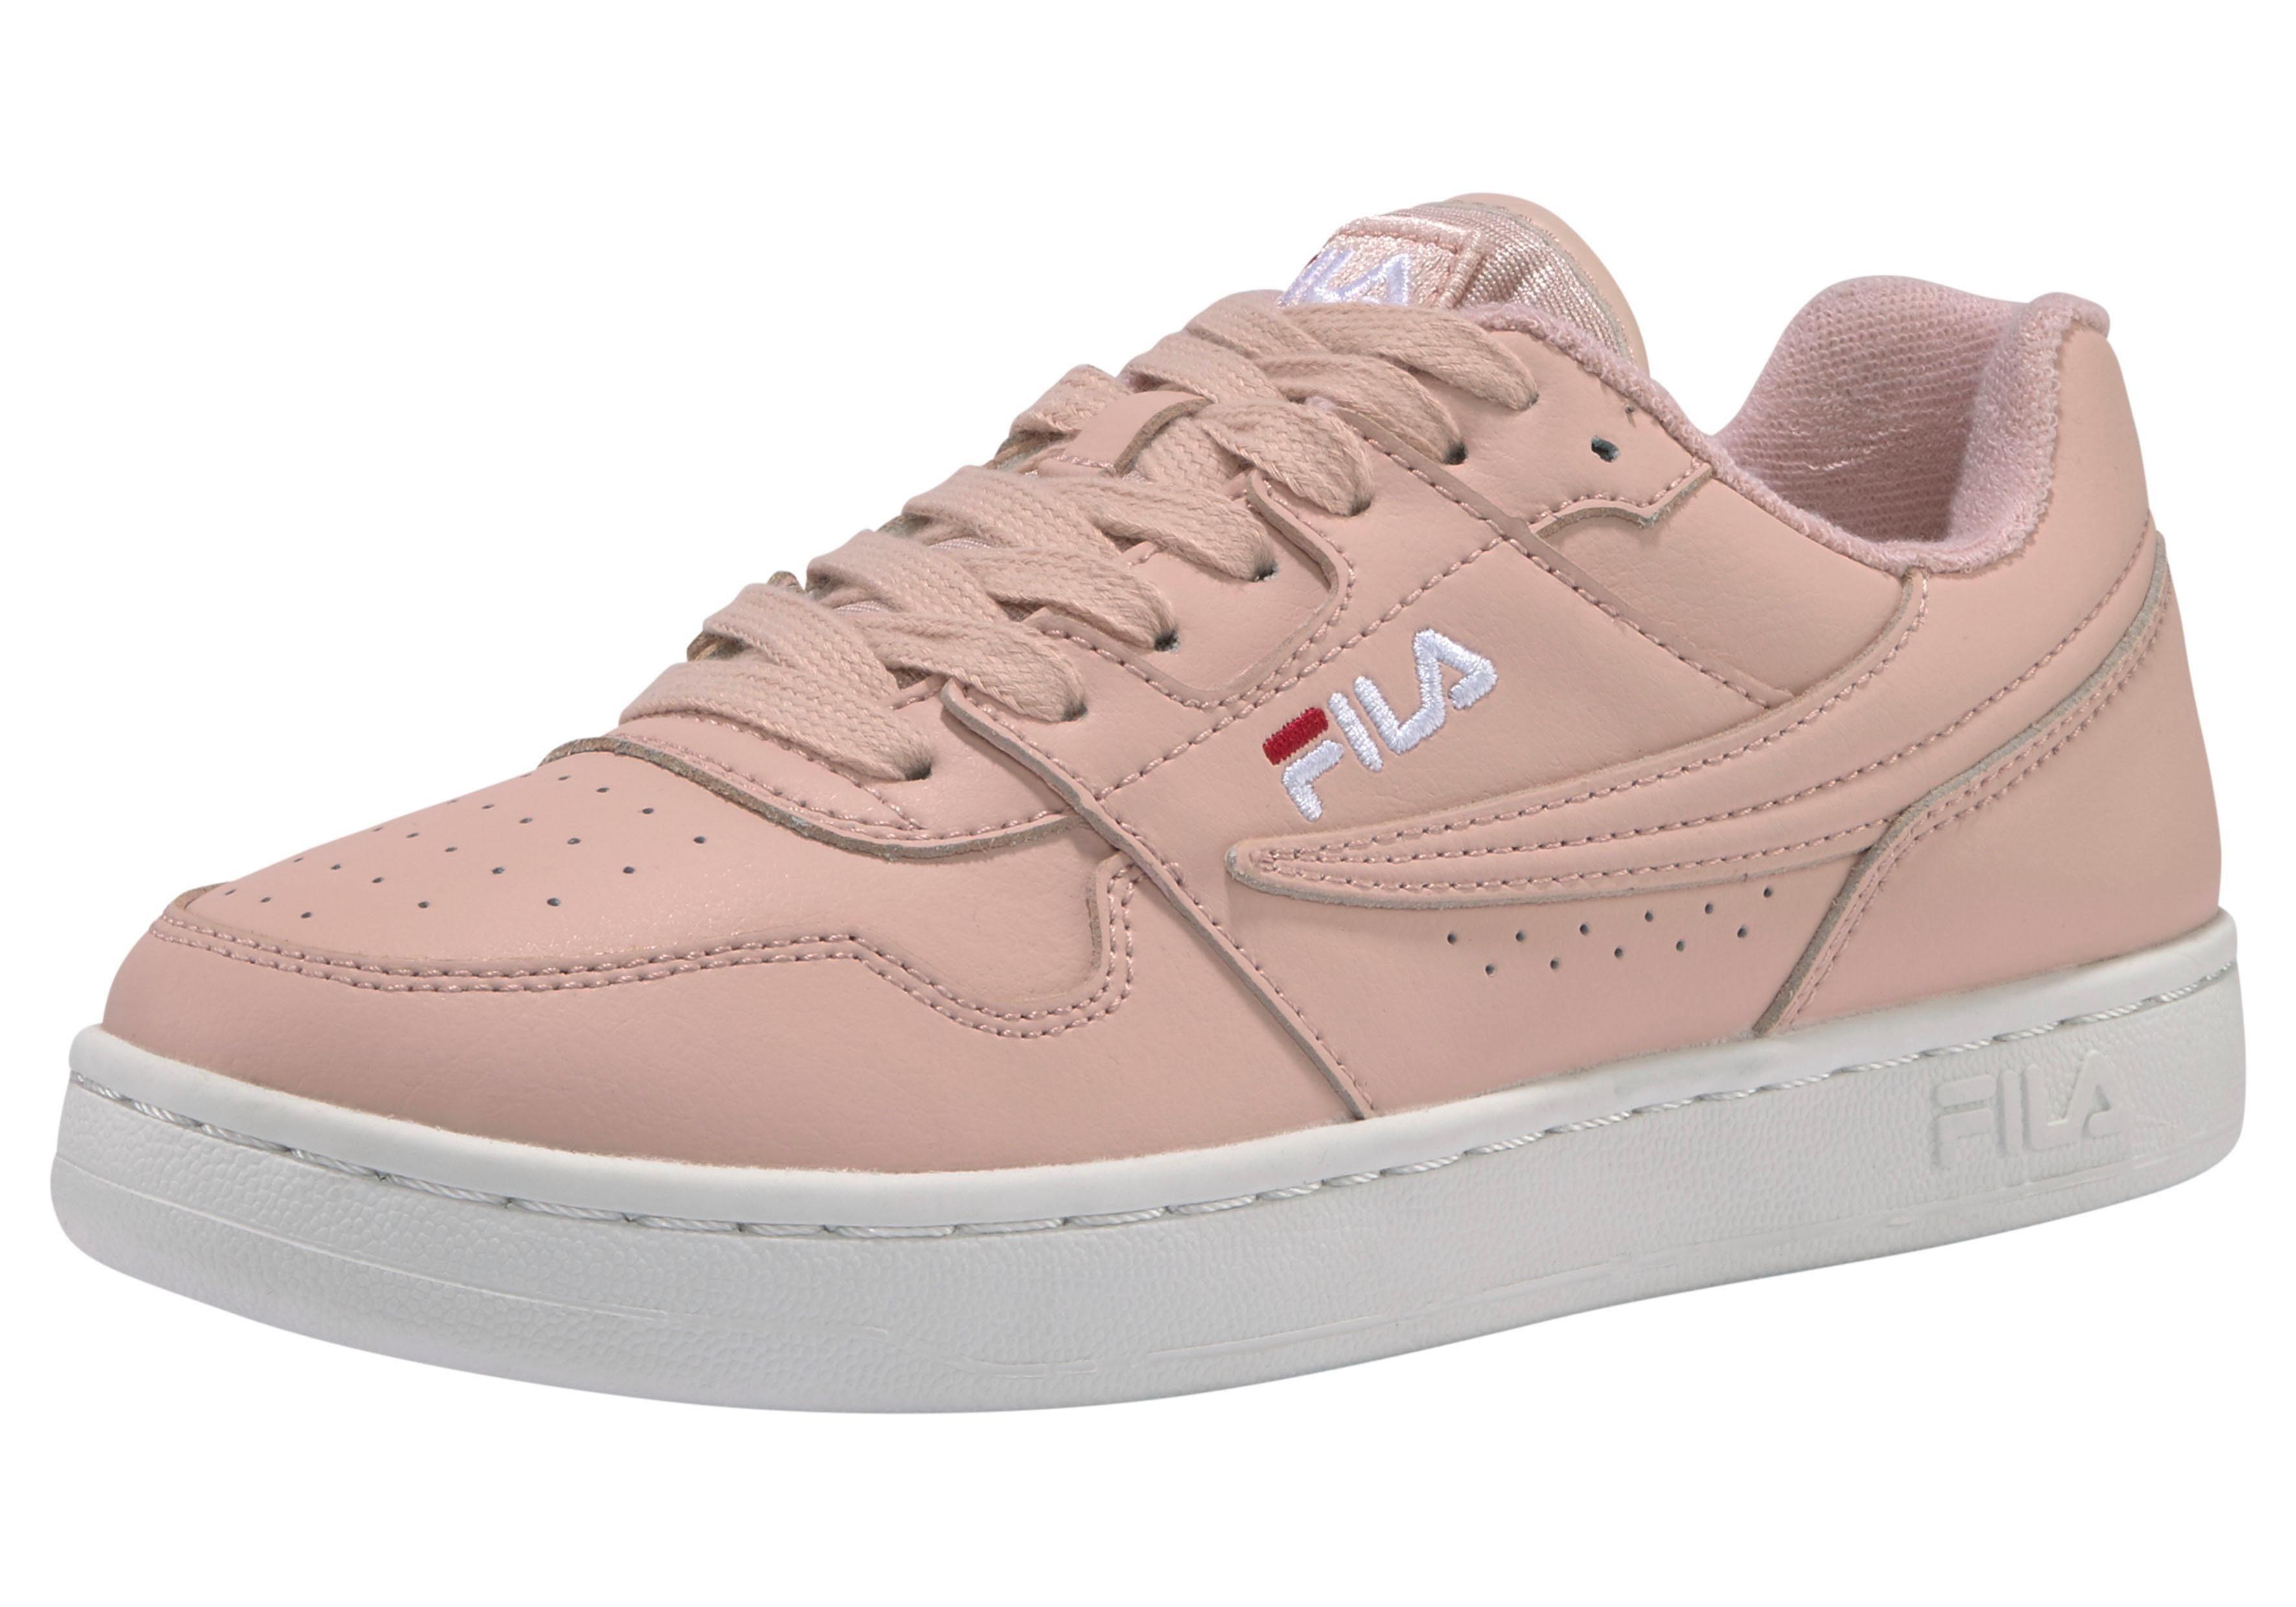 Fila »Arcade low Wmn« Sneaker, Moderner Sneaker von Fila online kaufen | OTTO